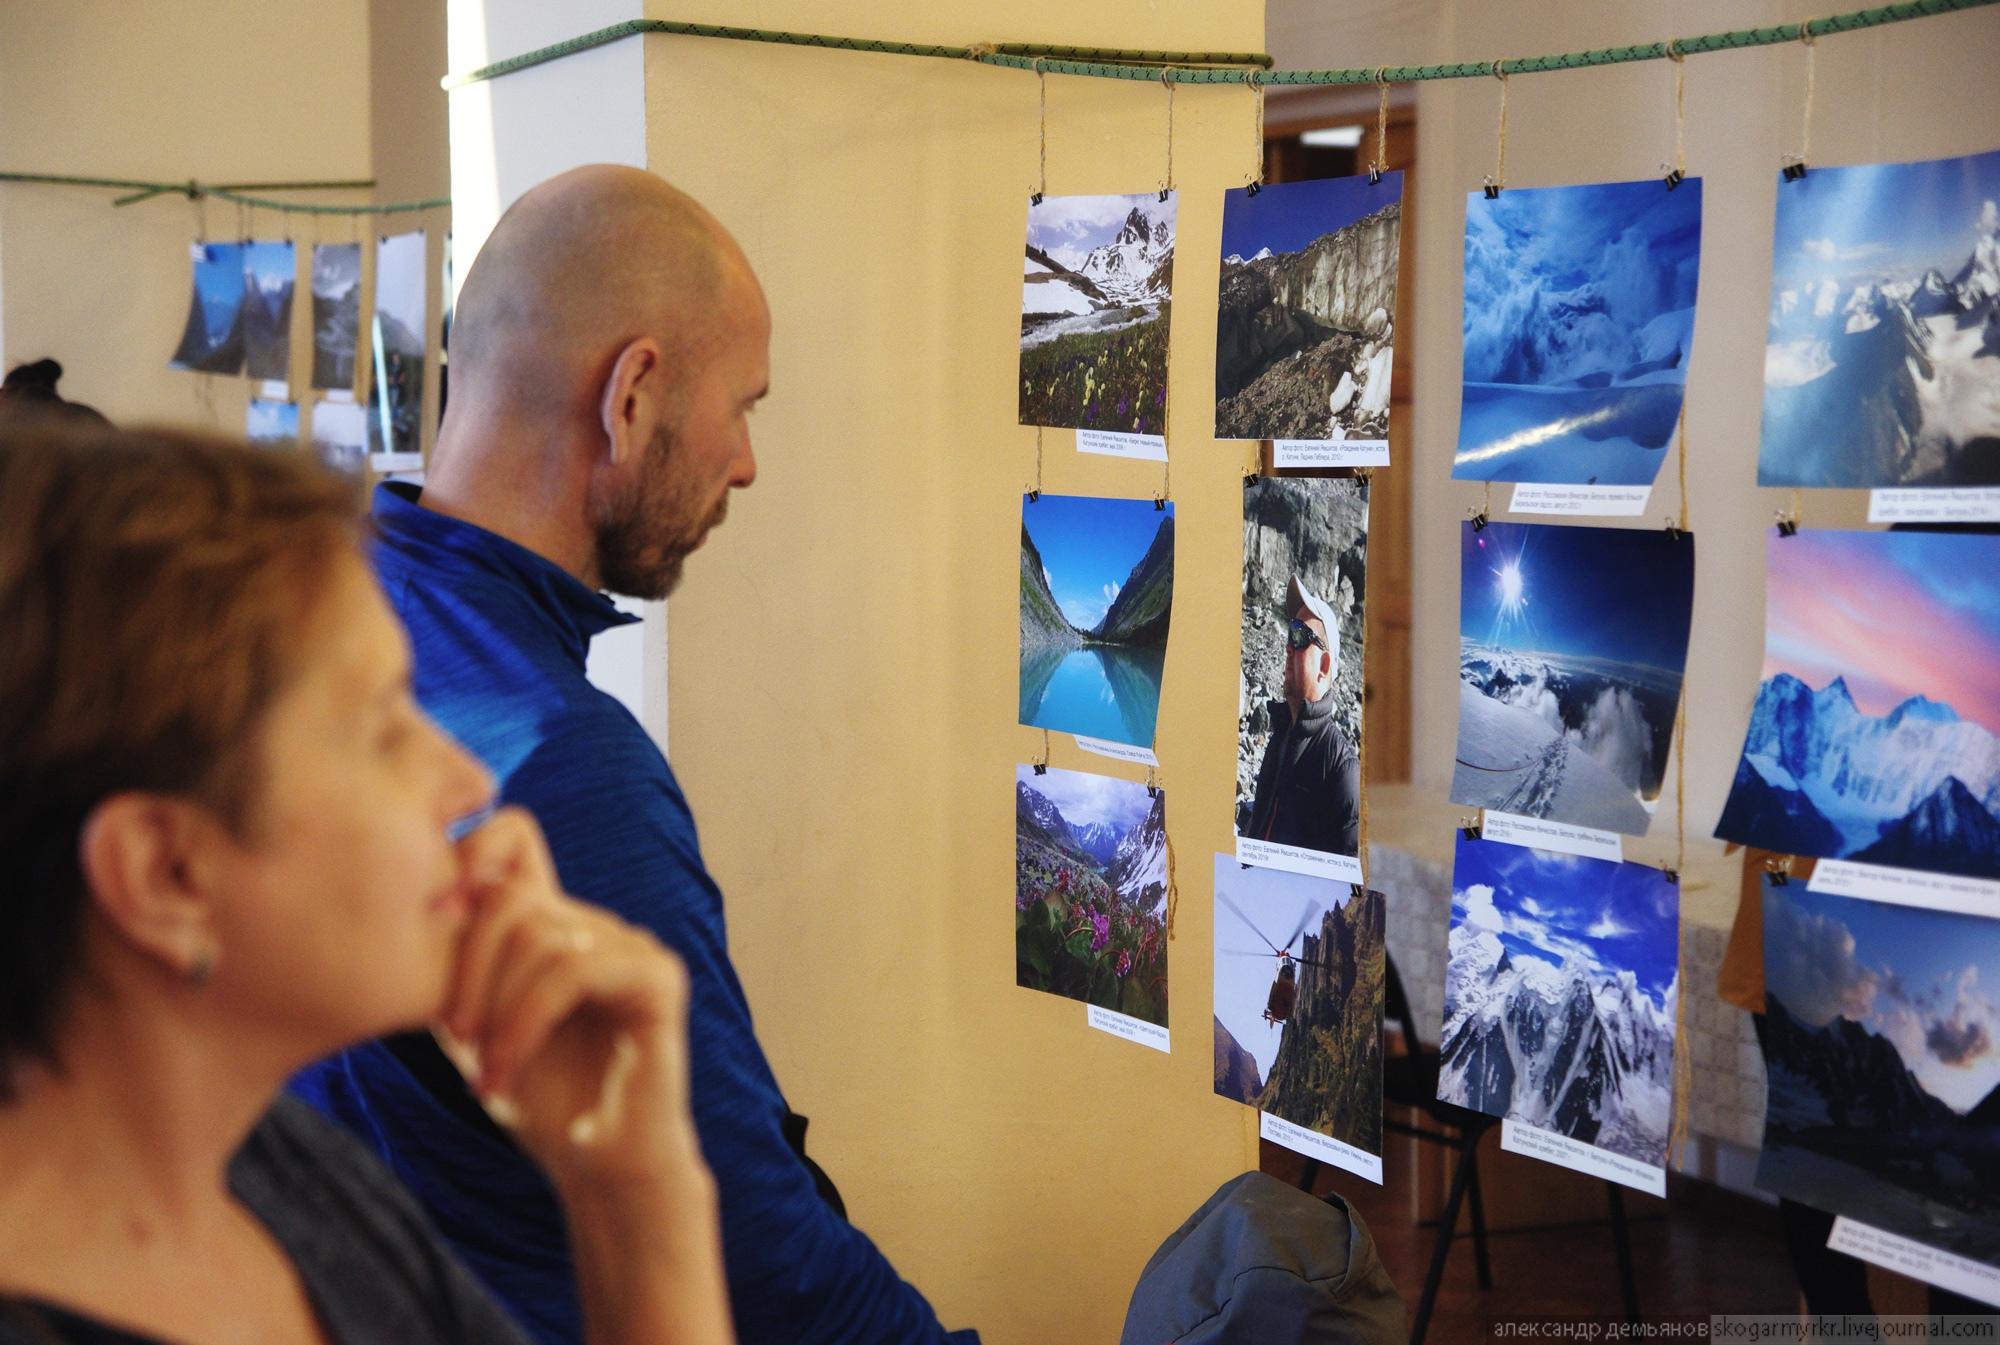 11 декабря в республиканской библиотеке имени Чевалкова состоялась открытие фотовыставки, посвященной всемирному Дню Гор.